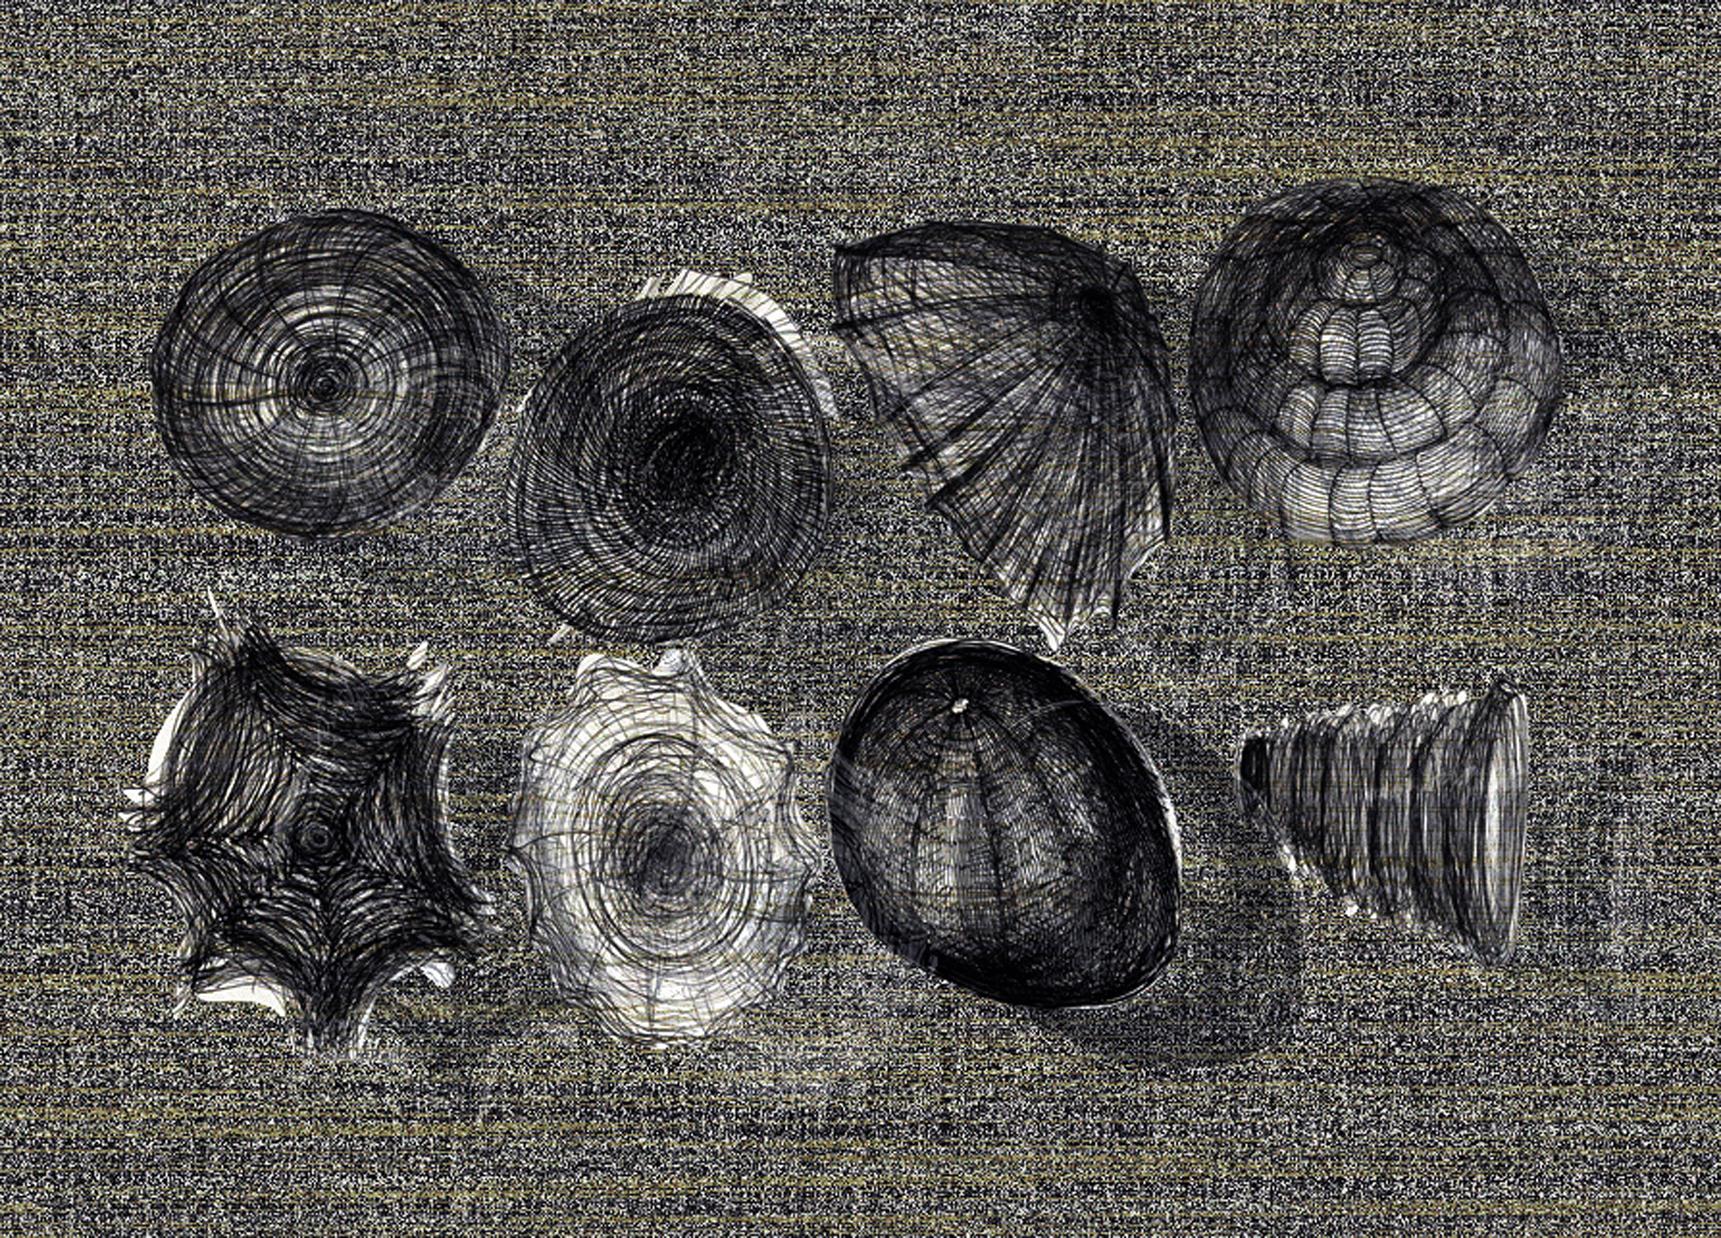 Zwierzeta wodne 13, 29x19 cm.jpg